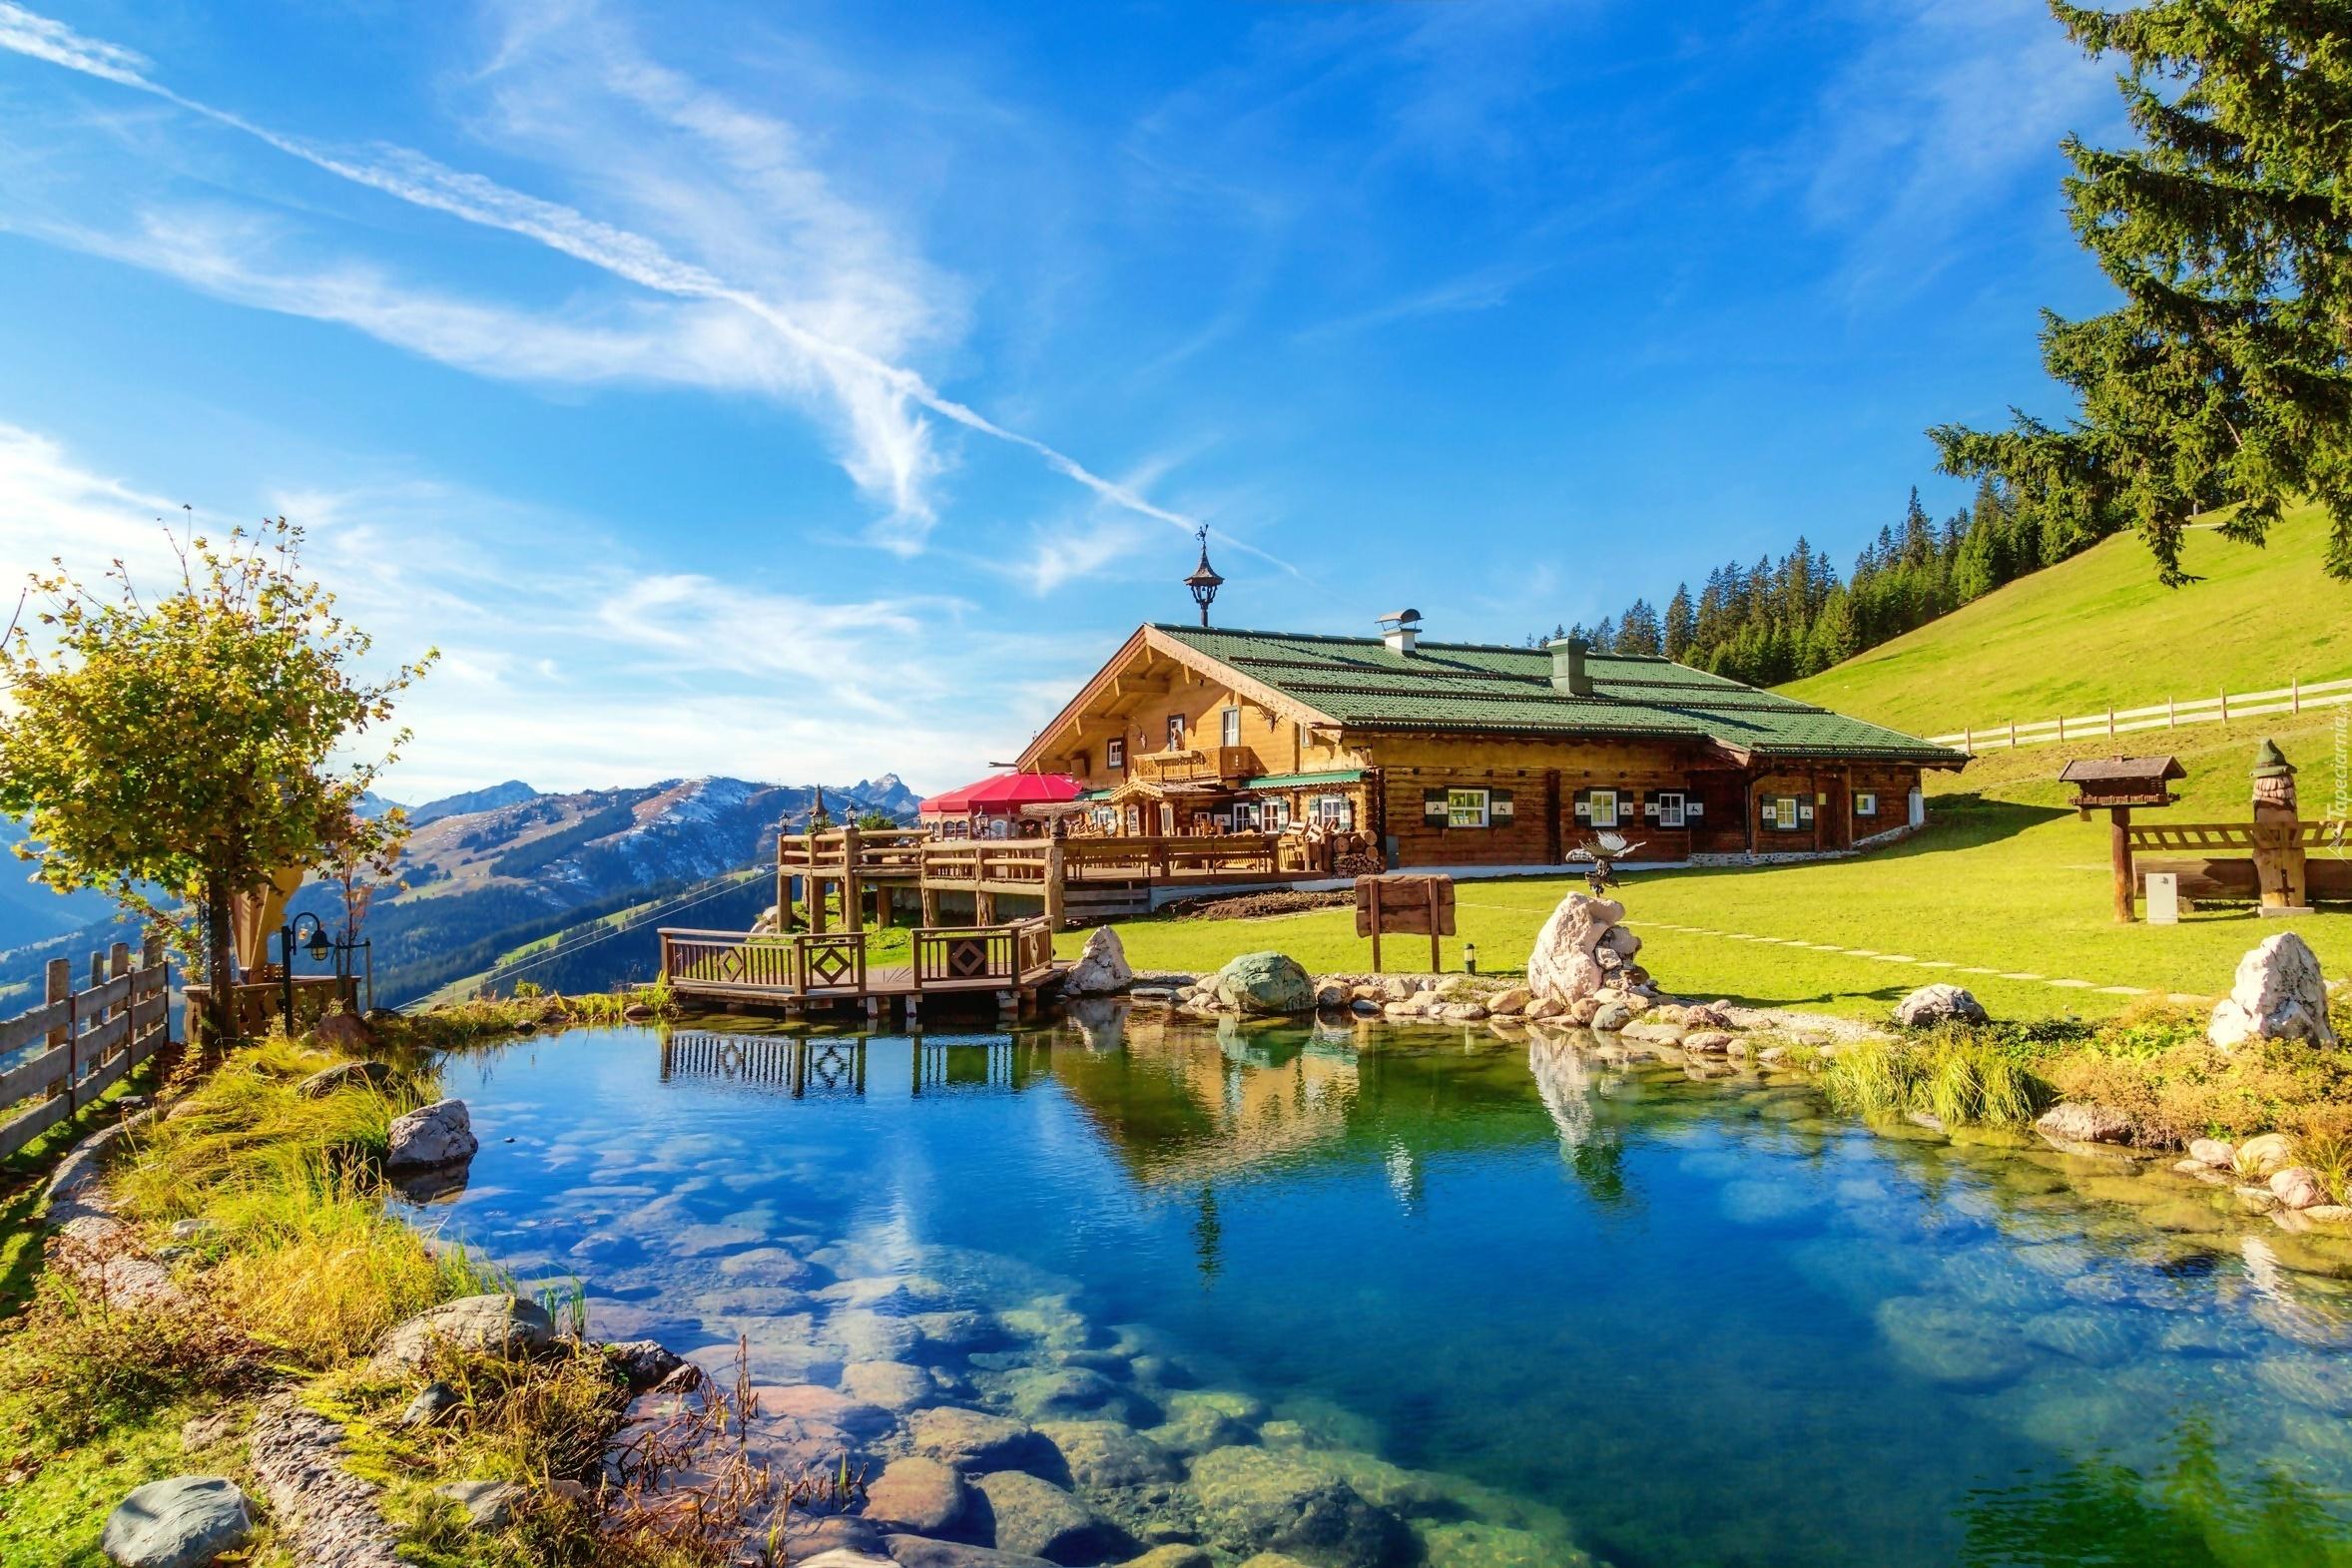 Górski dom, Staw, Krajobraz